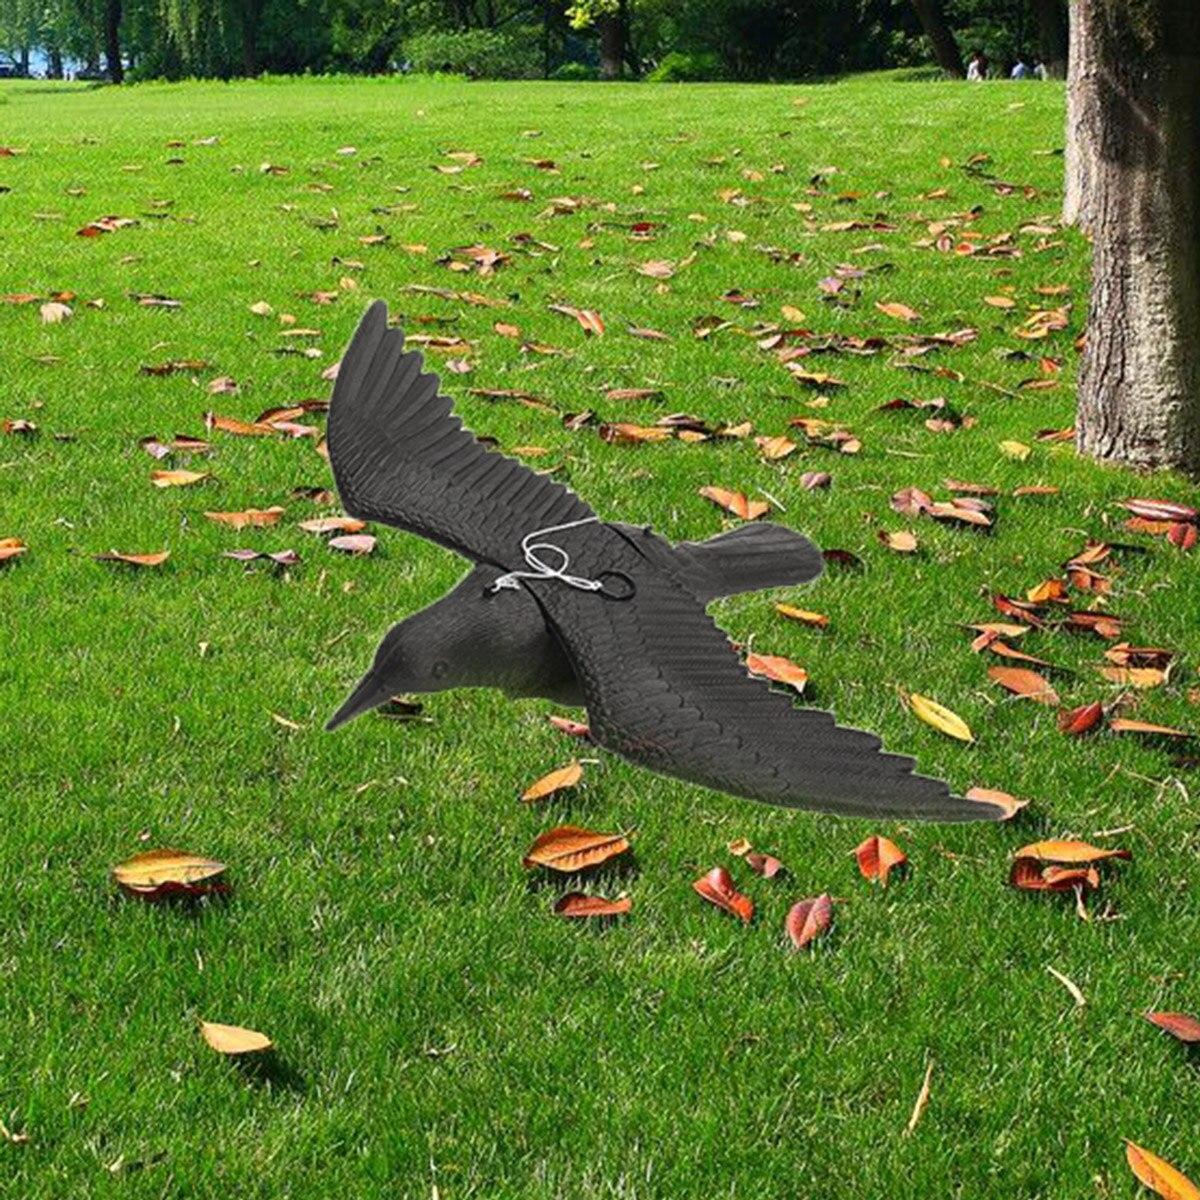 Поддельный Летающий Сокол ястреб охотничья приманка сдерживающий Scarer садовое дерево подвесной декор птица борьба с вредителями отпугивающий подвесной шнур